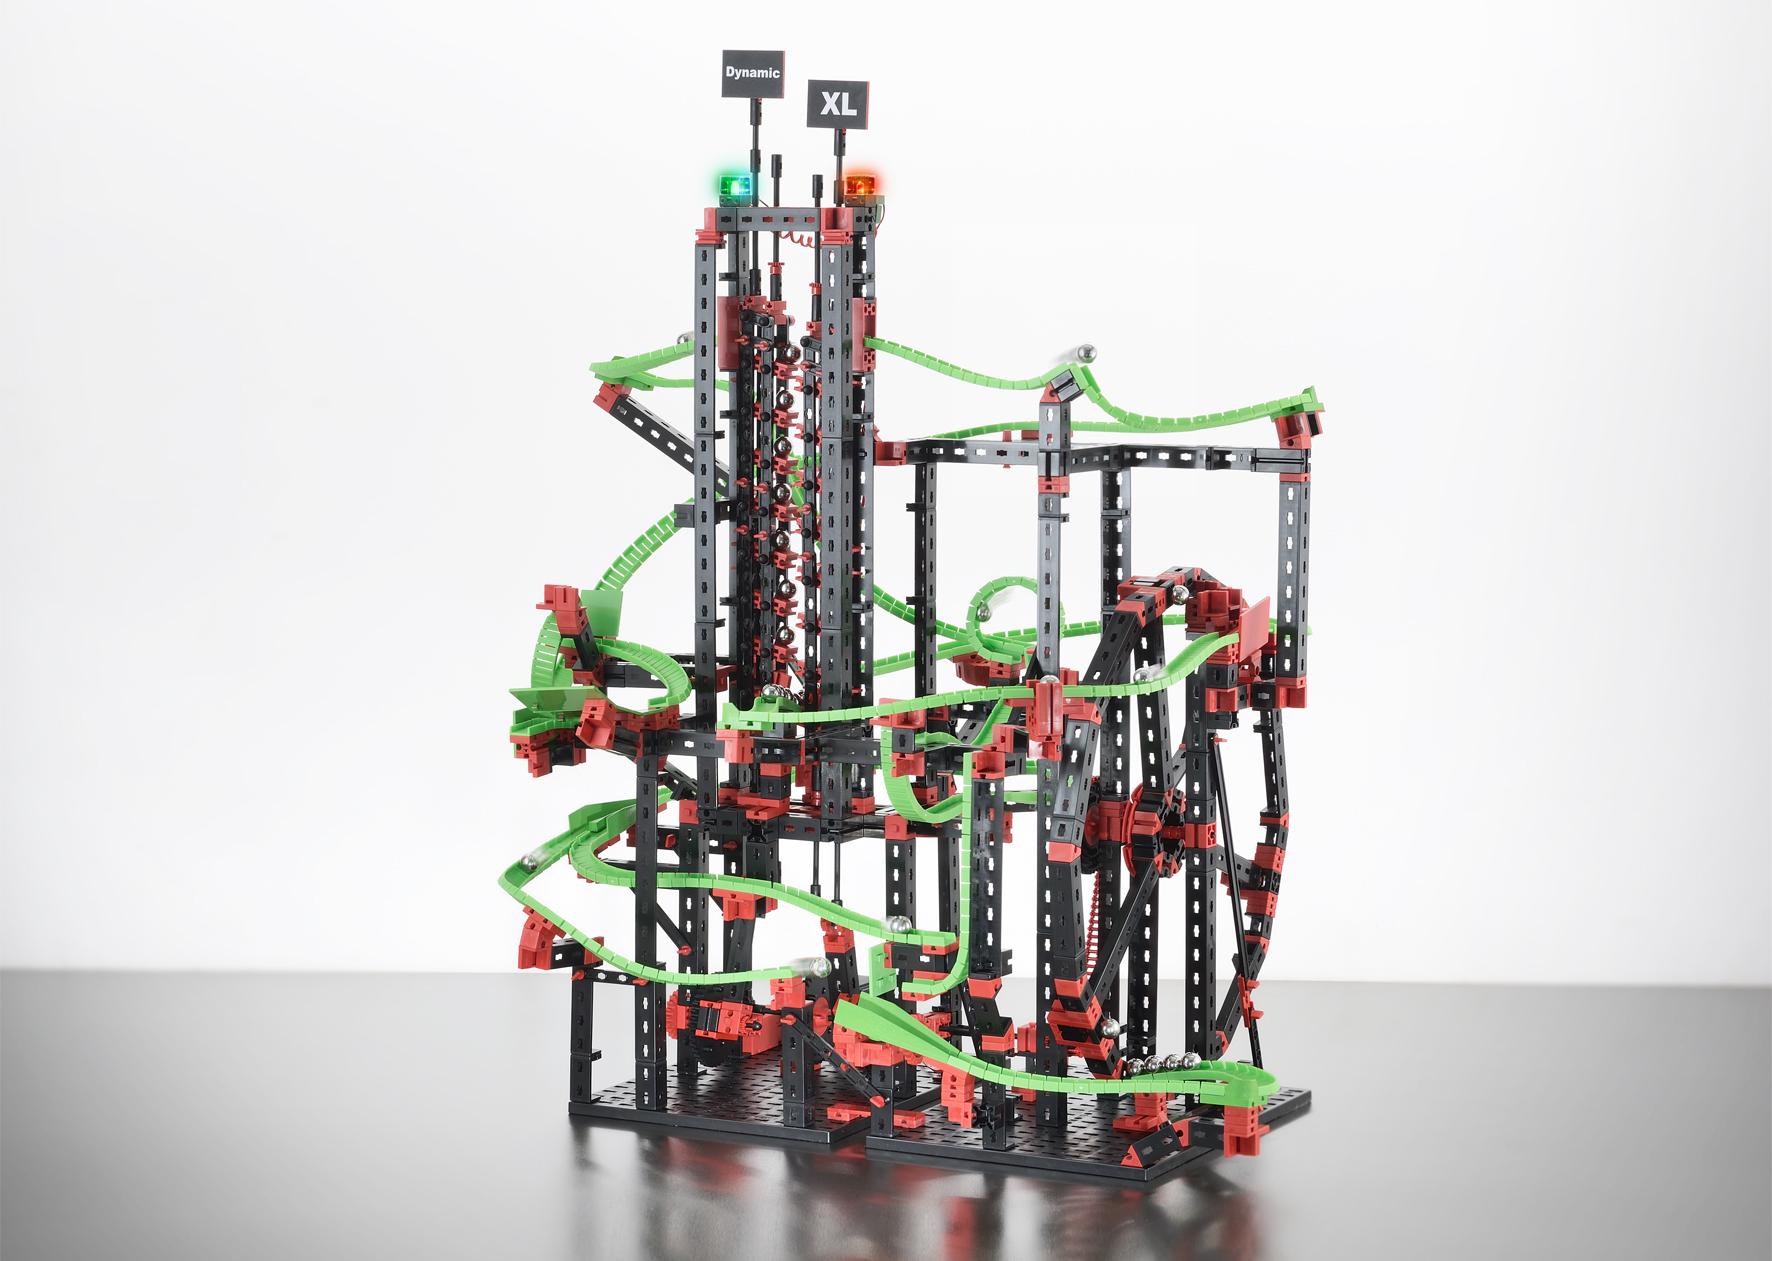 fischertechnik 524327 Bau- & Konstruktionsspielzeug-Sets Dynamic XL günstig kaufen